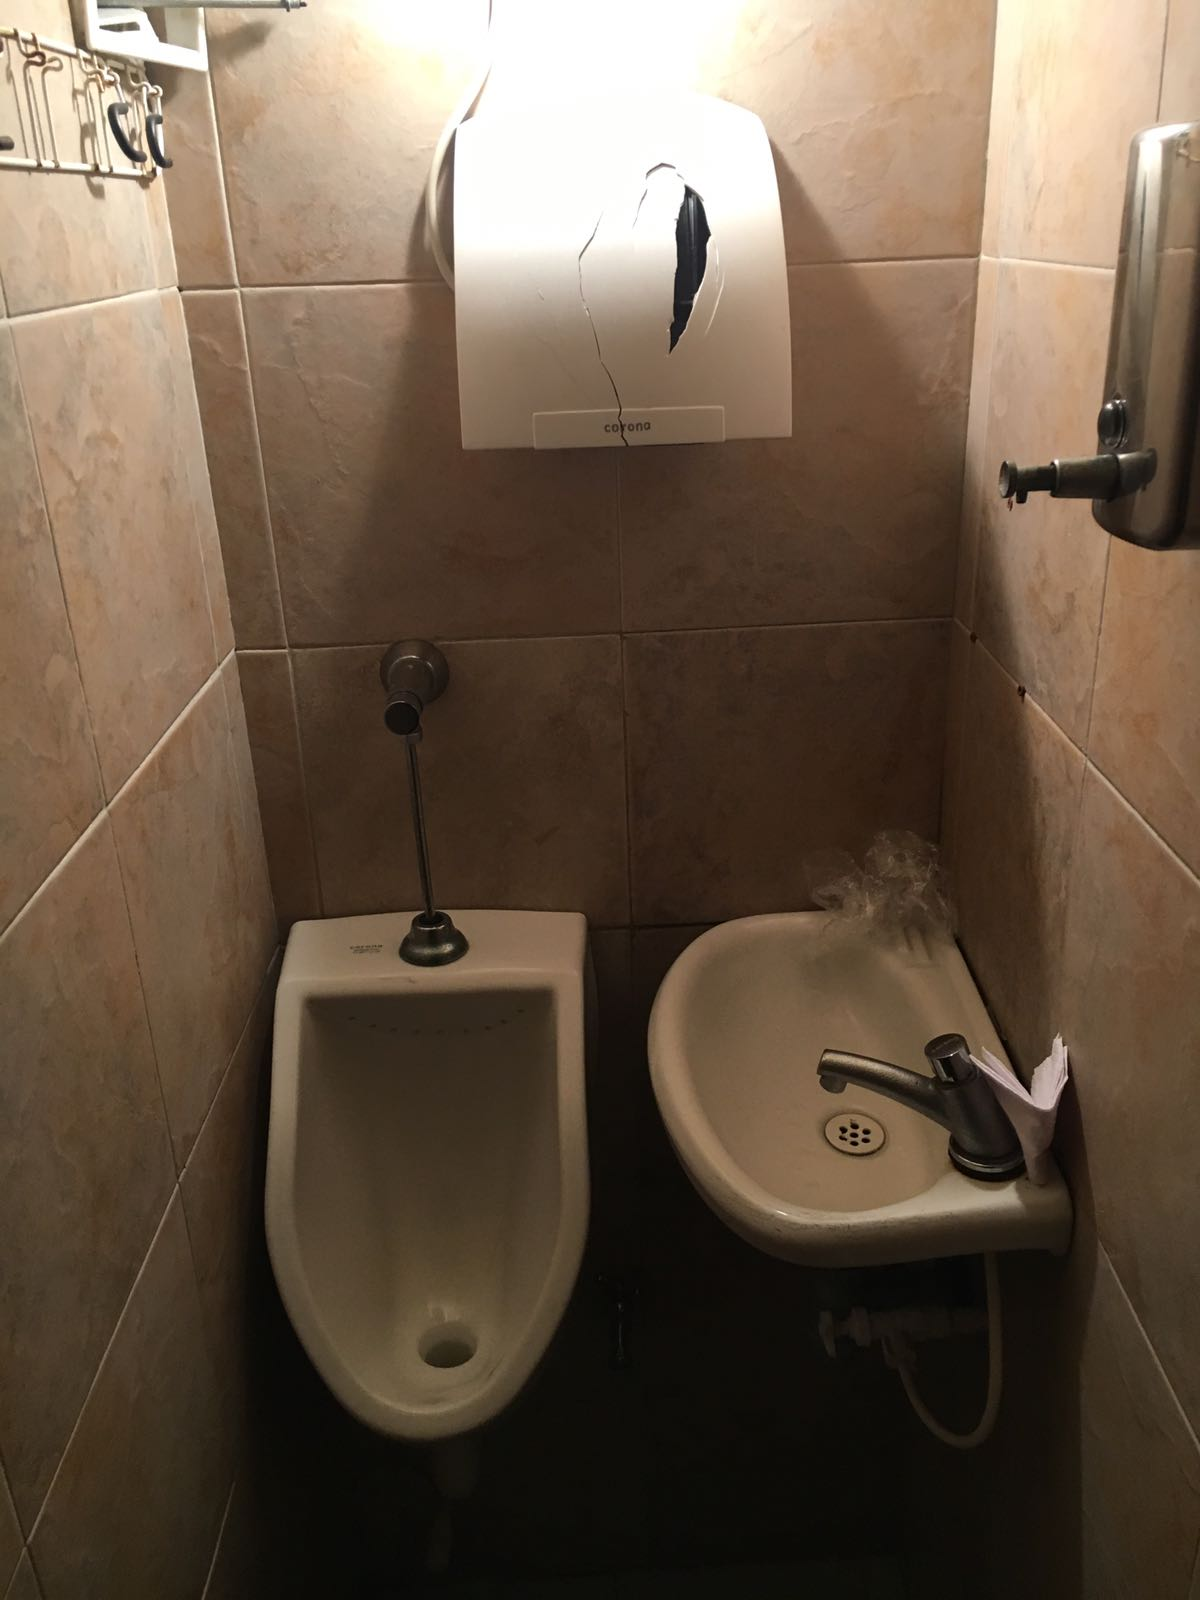 cagando por el mundo, horror de baños, asco de baños. mierda de baños, no te equivoques de lugar